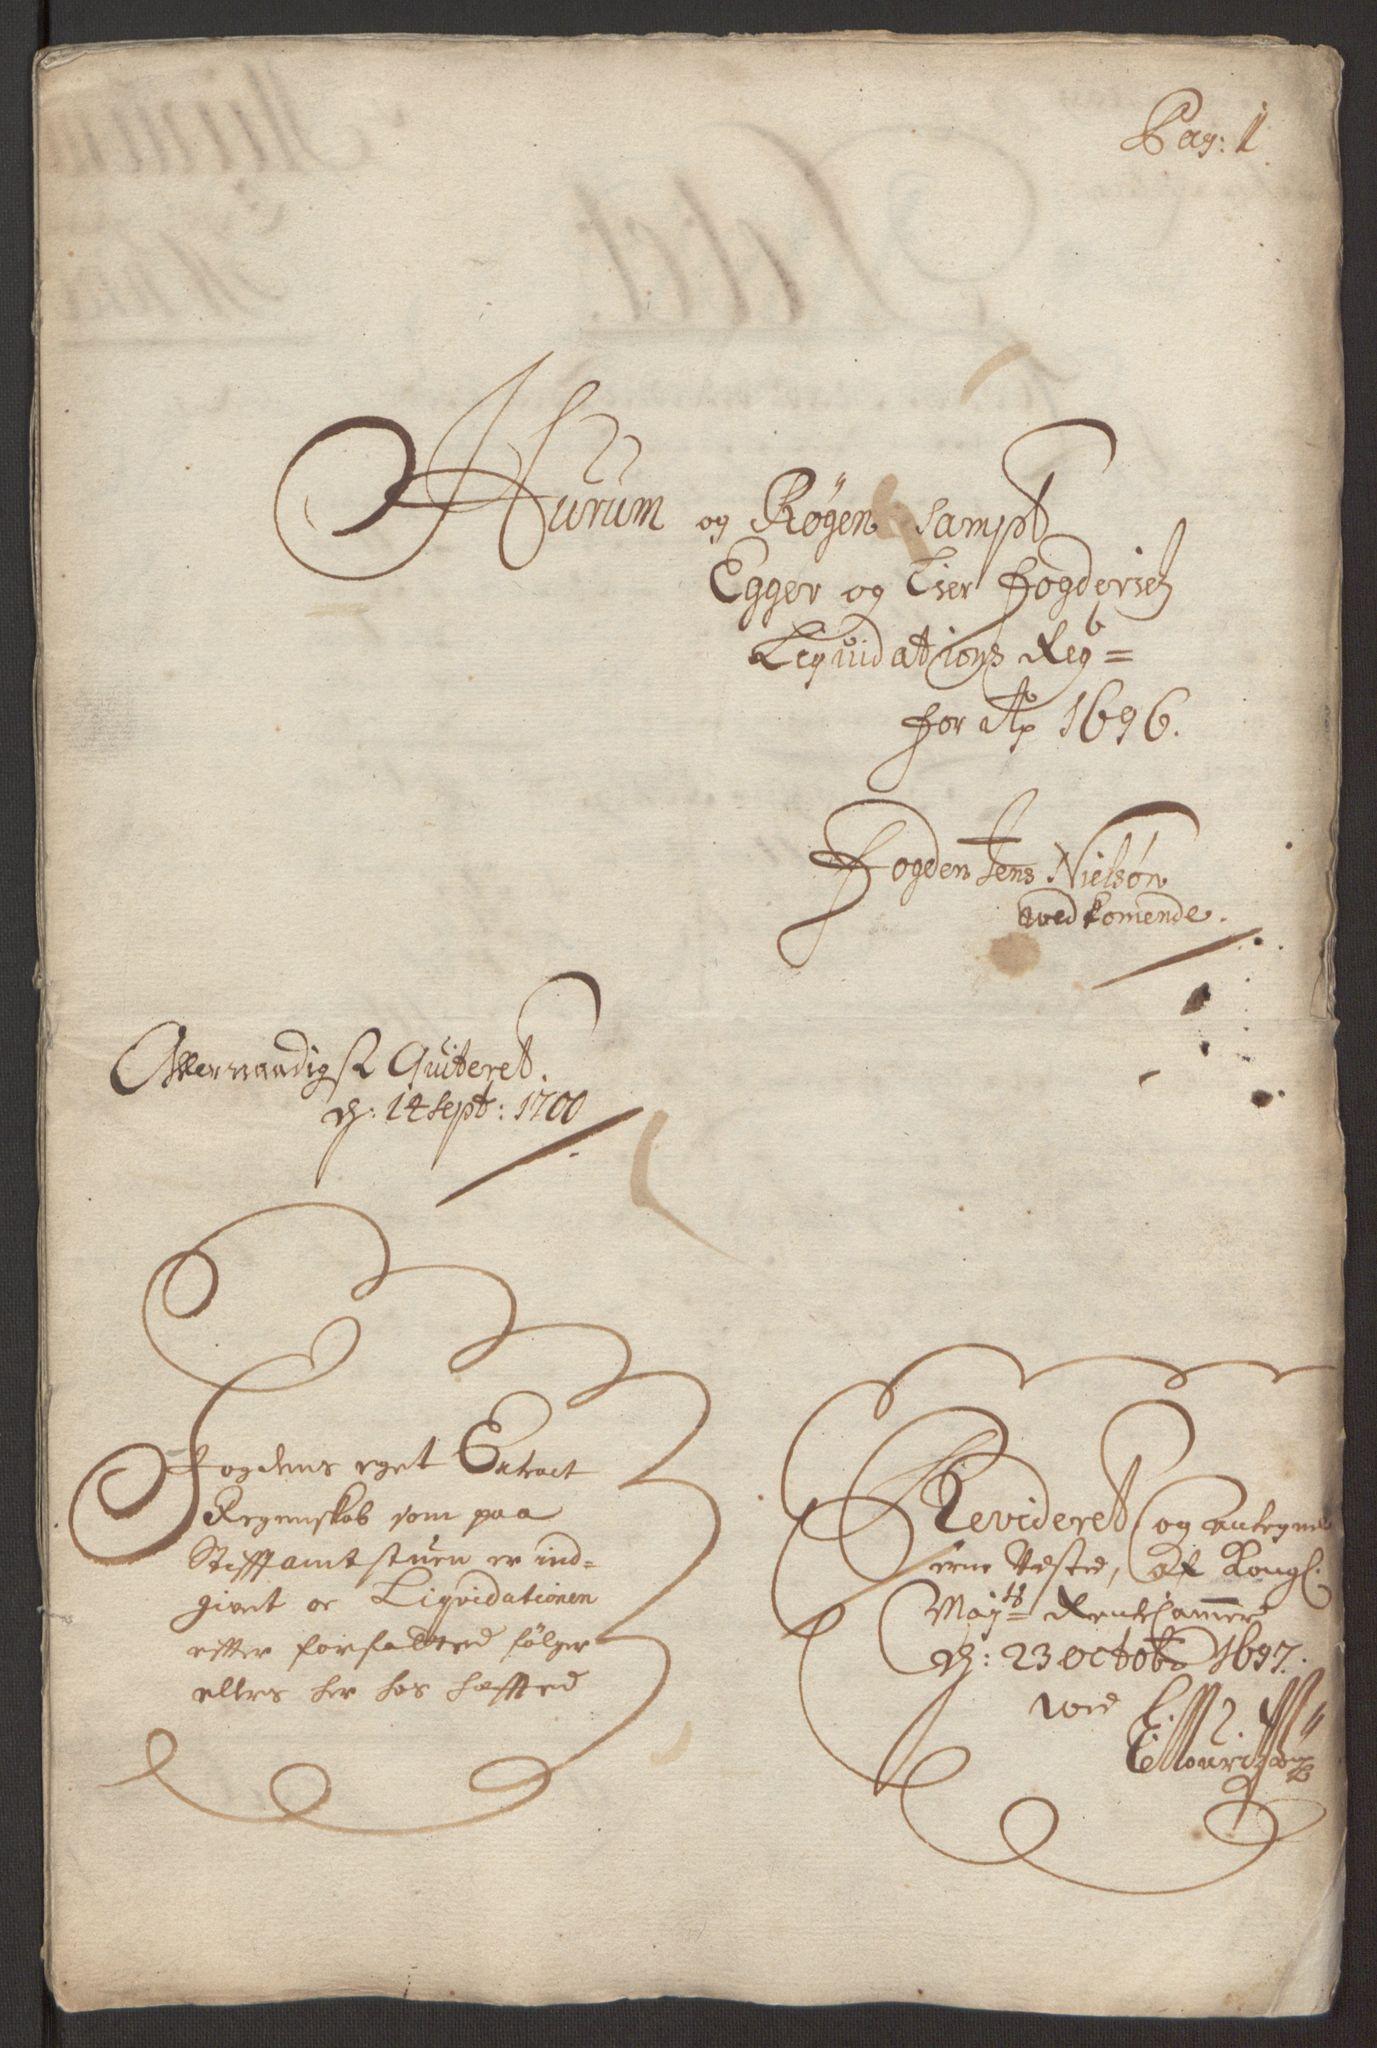 RA, Rentekammeret inntil 1814, Reviderte regnskaper, Fogderegnskap, R30/L1694: Fogderegnskap Hurum, Røyken, Eiker og Lier, 1694-1696, s. 306